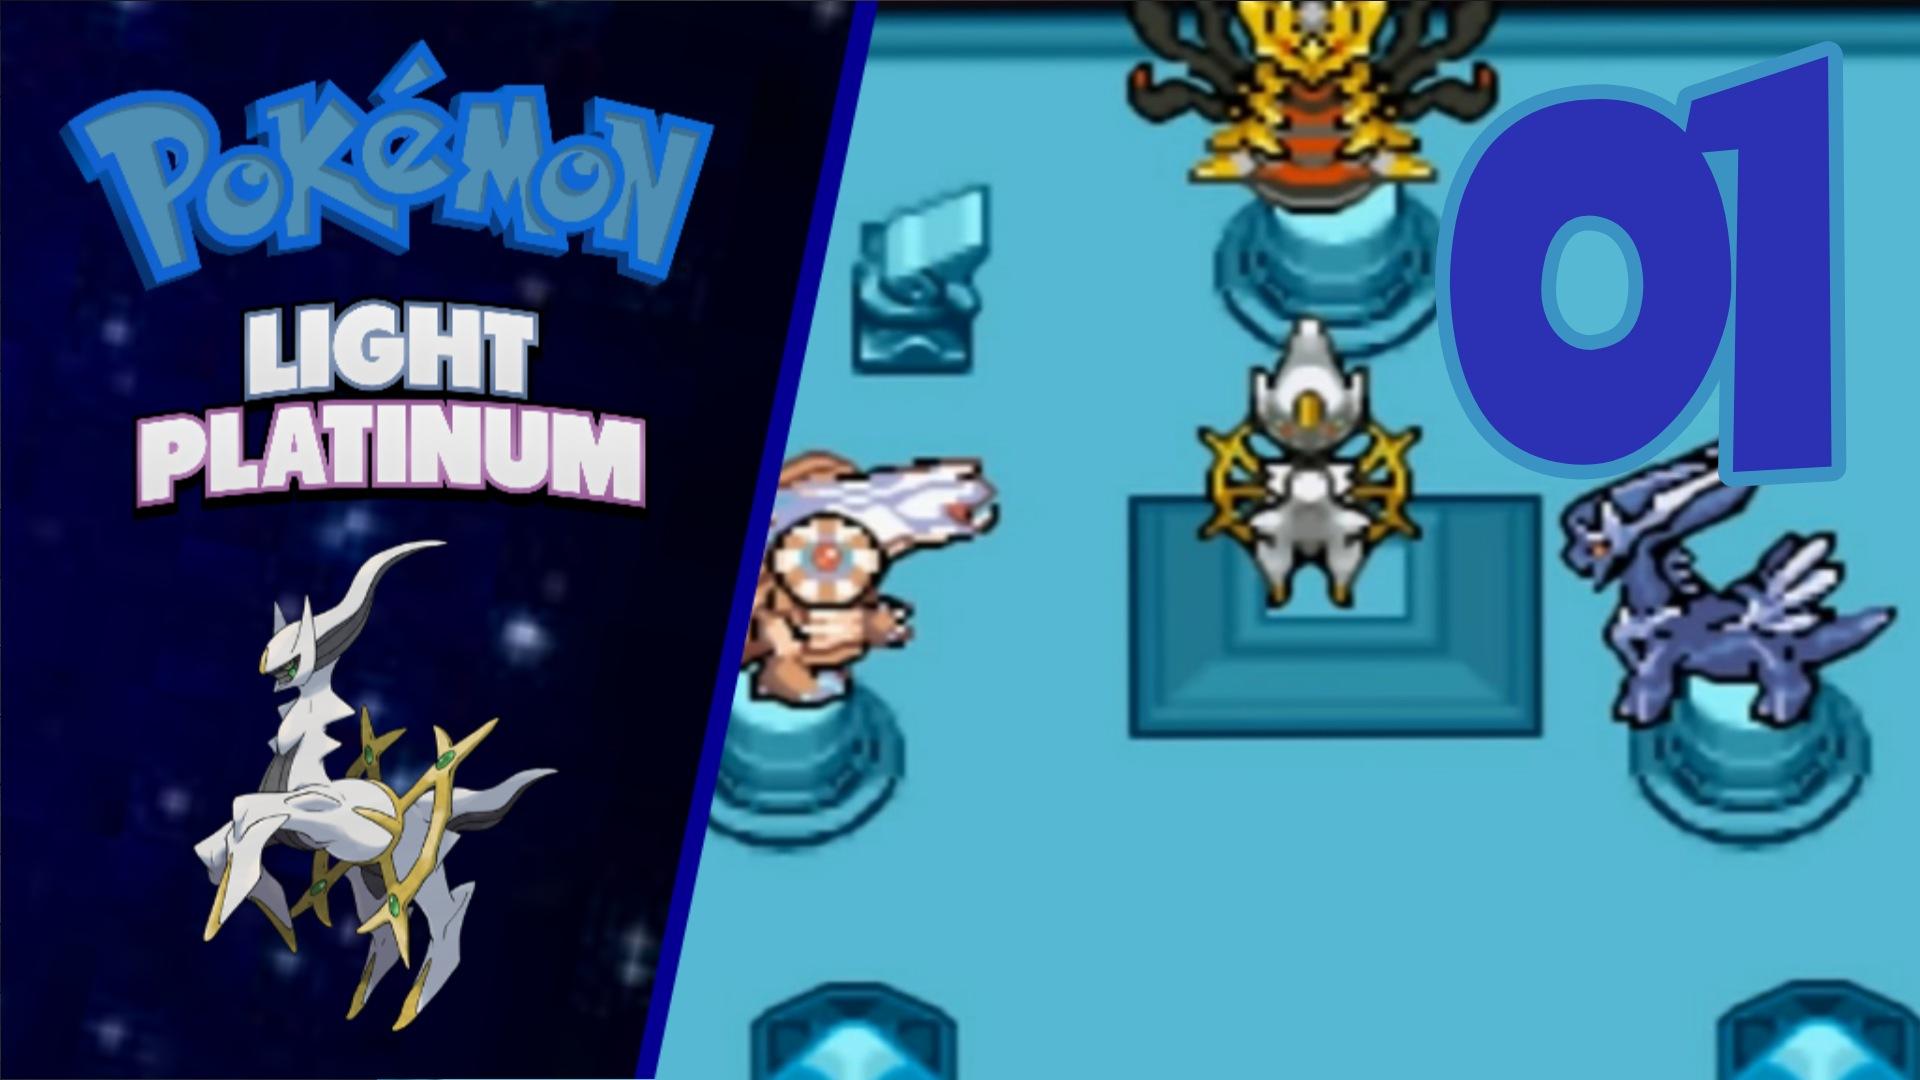 Pokémon Light Platinum